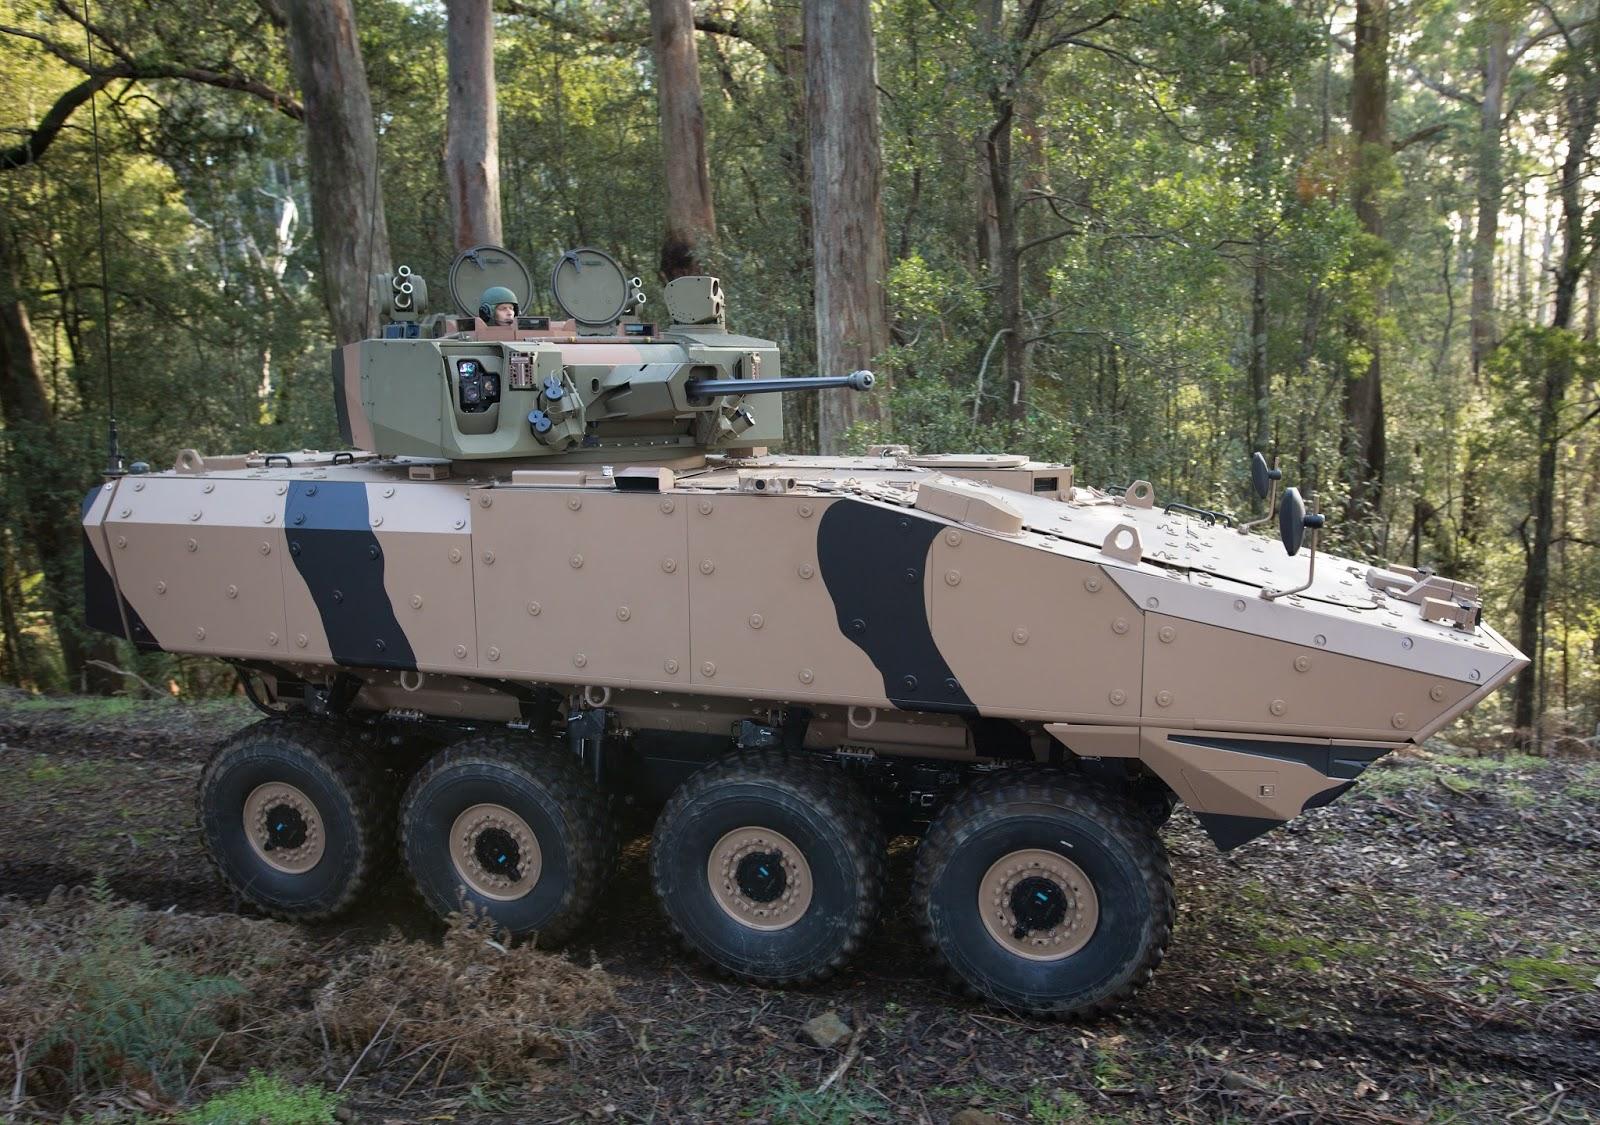 Разработанный компанией Timoney Technology и представленный сингапурской компанией Singapore Technologies Kinetics (STK) колесный бронетранспортер Terrex 3 (Sentinel II) на испытаниях в тендере сухопутных войск Австралии по программе LAND 400 Phase 2. 2016 год.